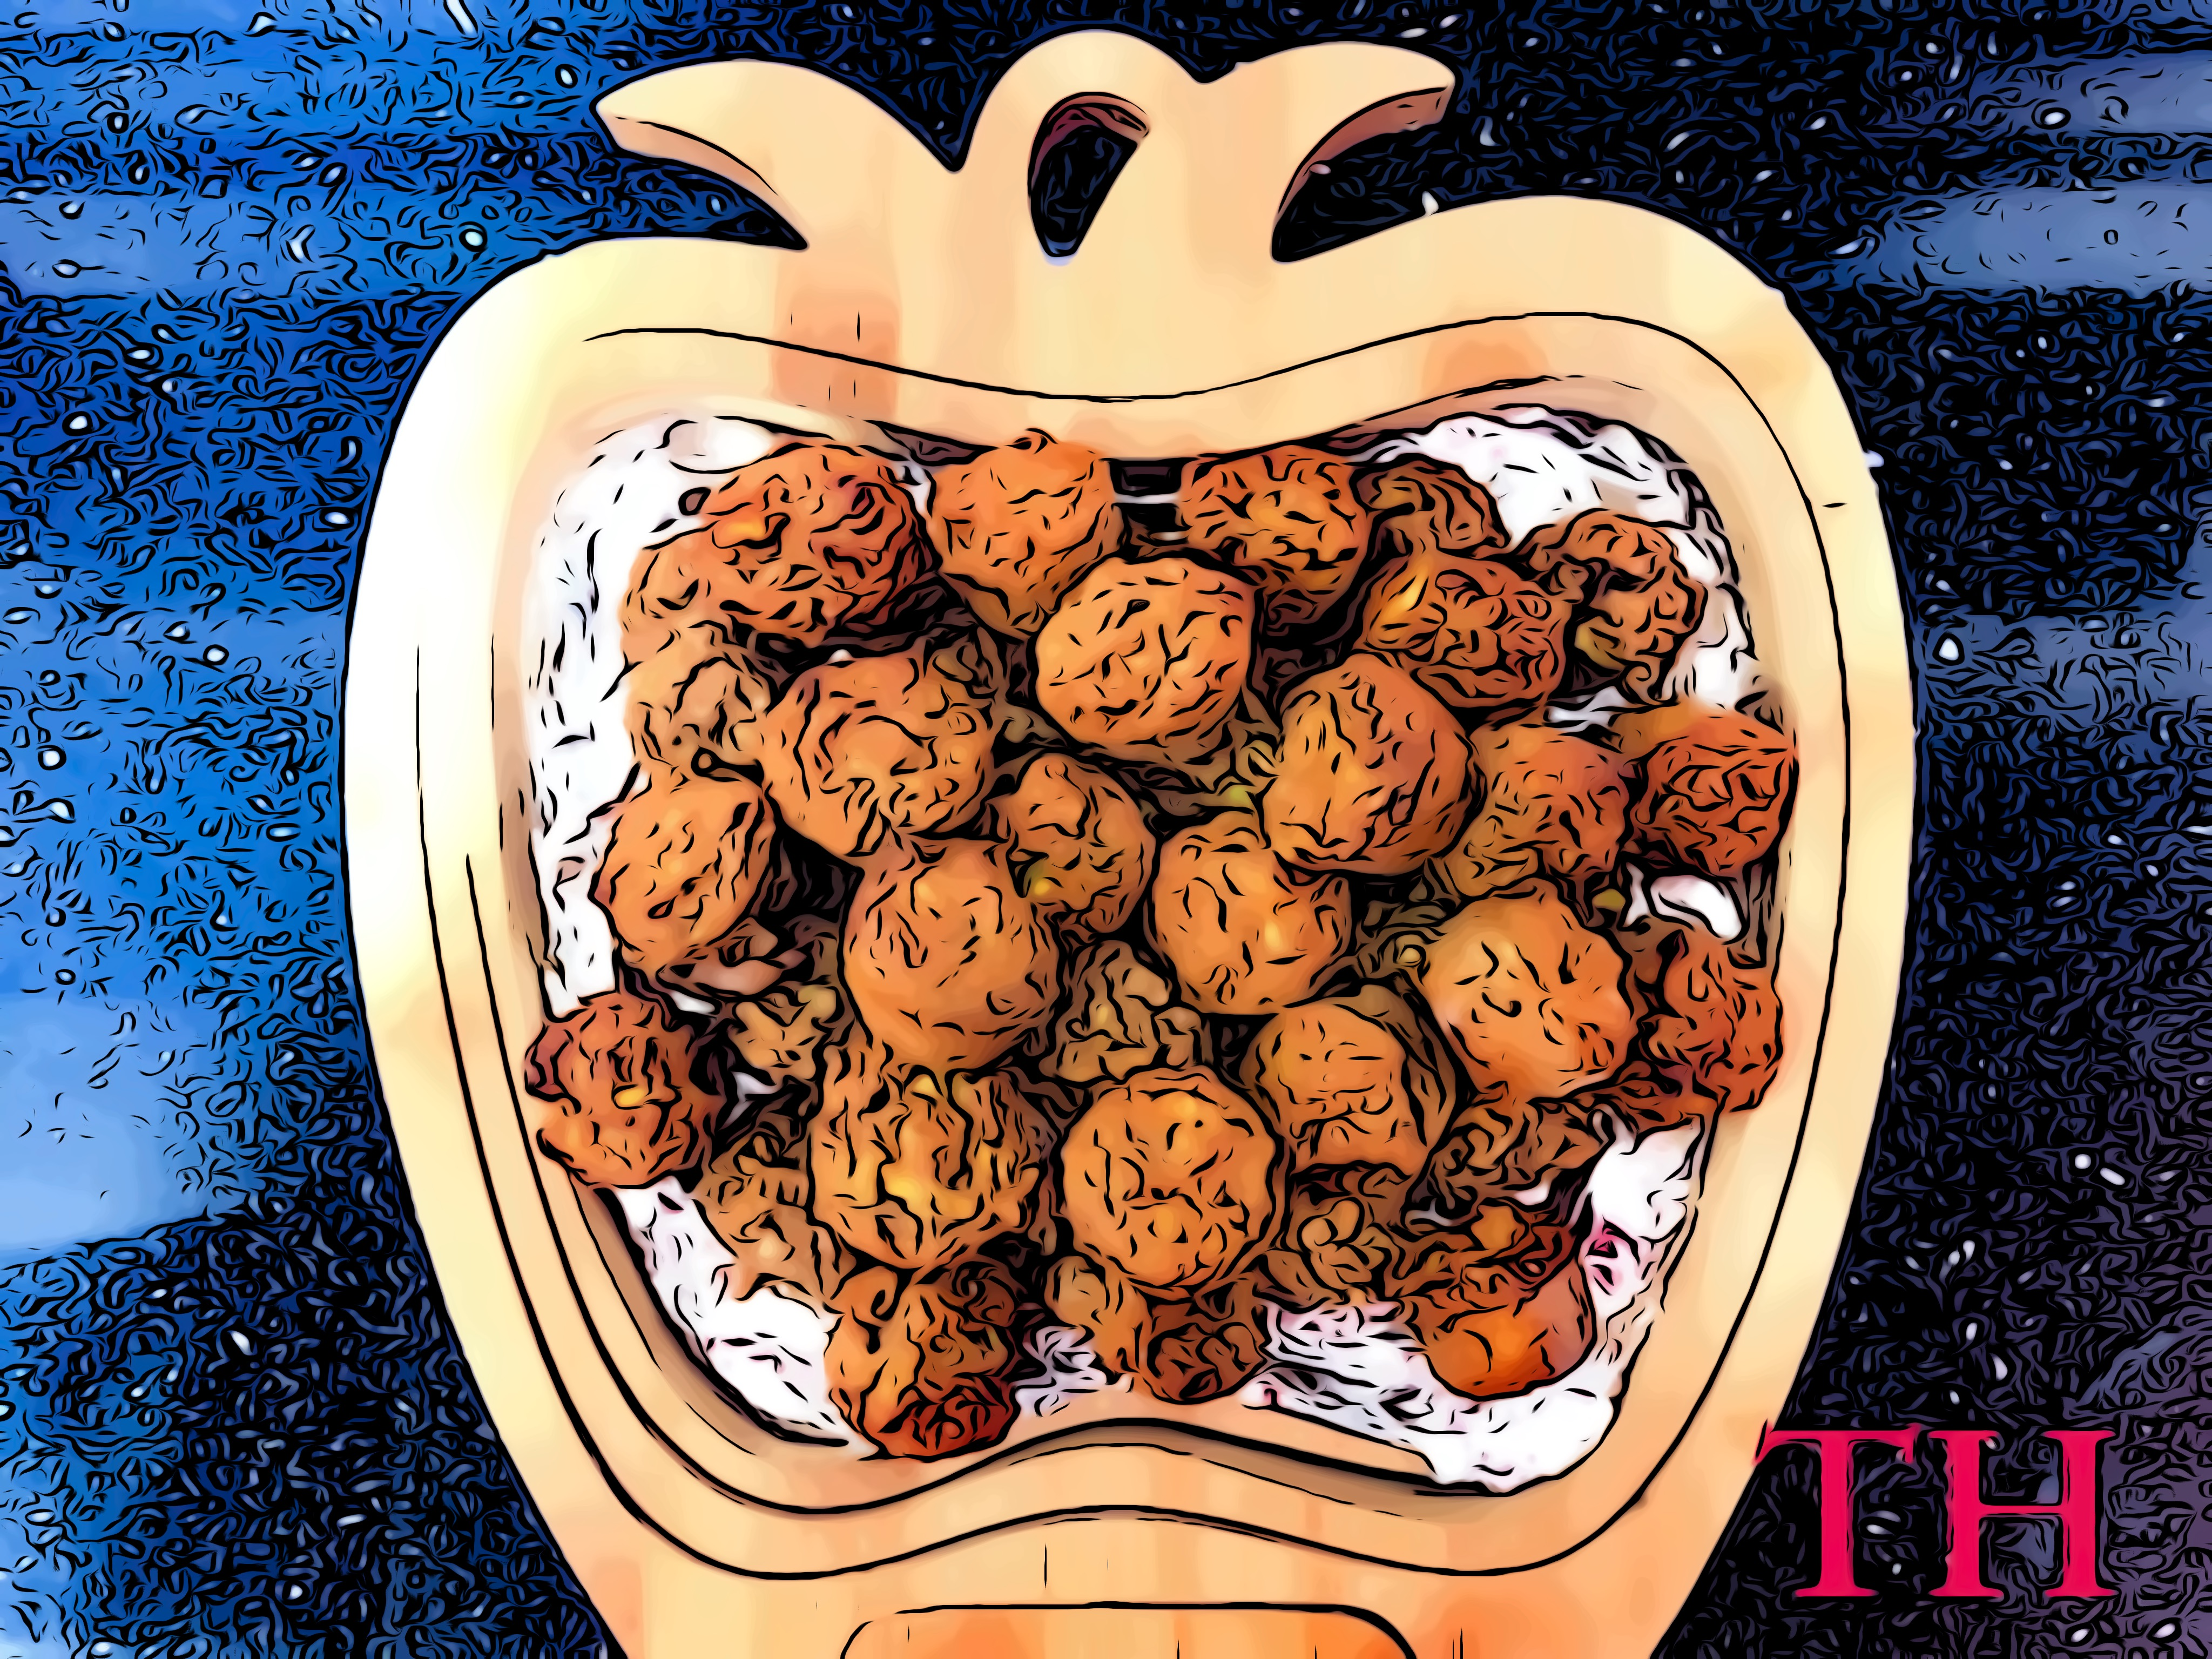 http://teckelhours.com/2018/05/receta-casera-facil-y-rapida-magdalenas-de-platano-y-arroz-para-perros.html